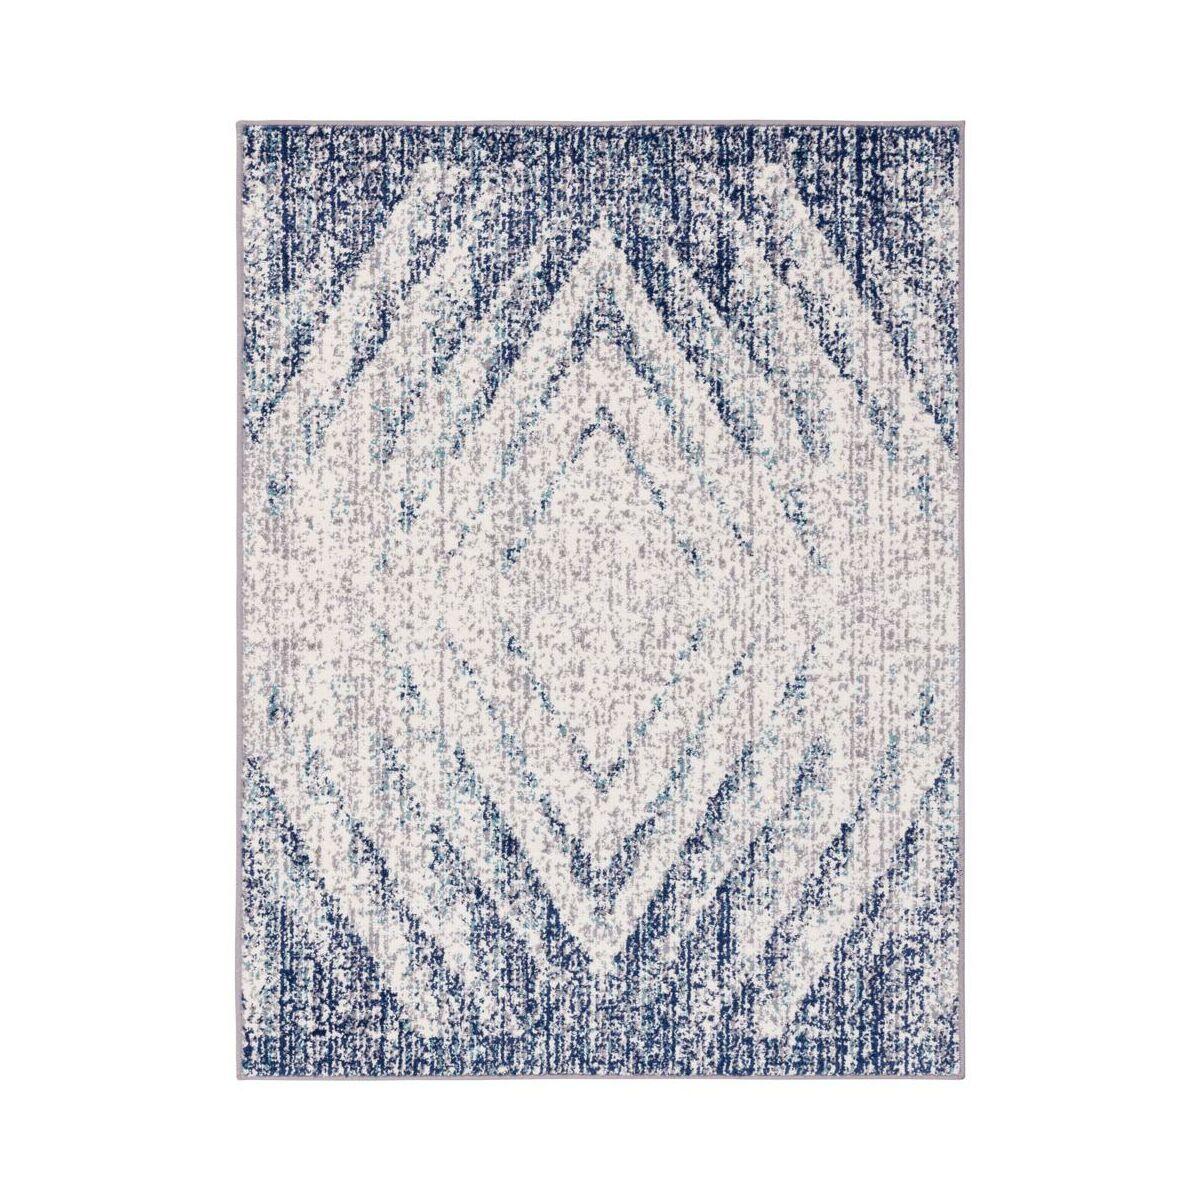 Dywan BIS niebieski 120 x 160 cm